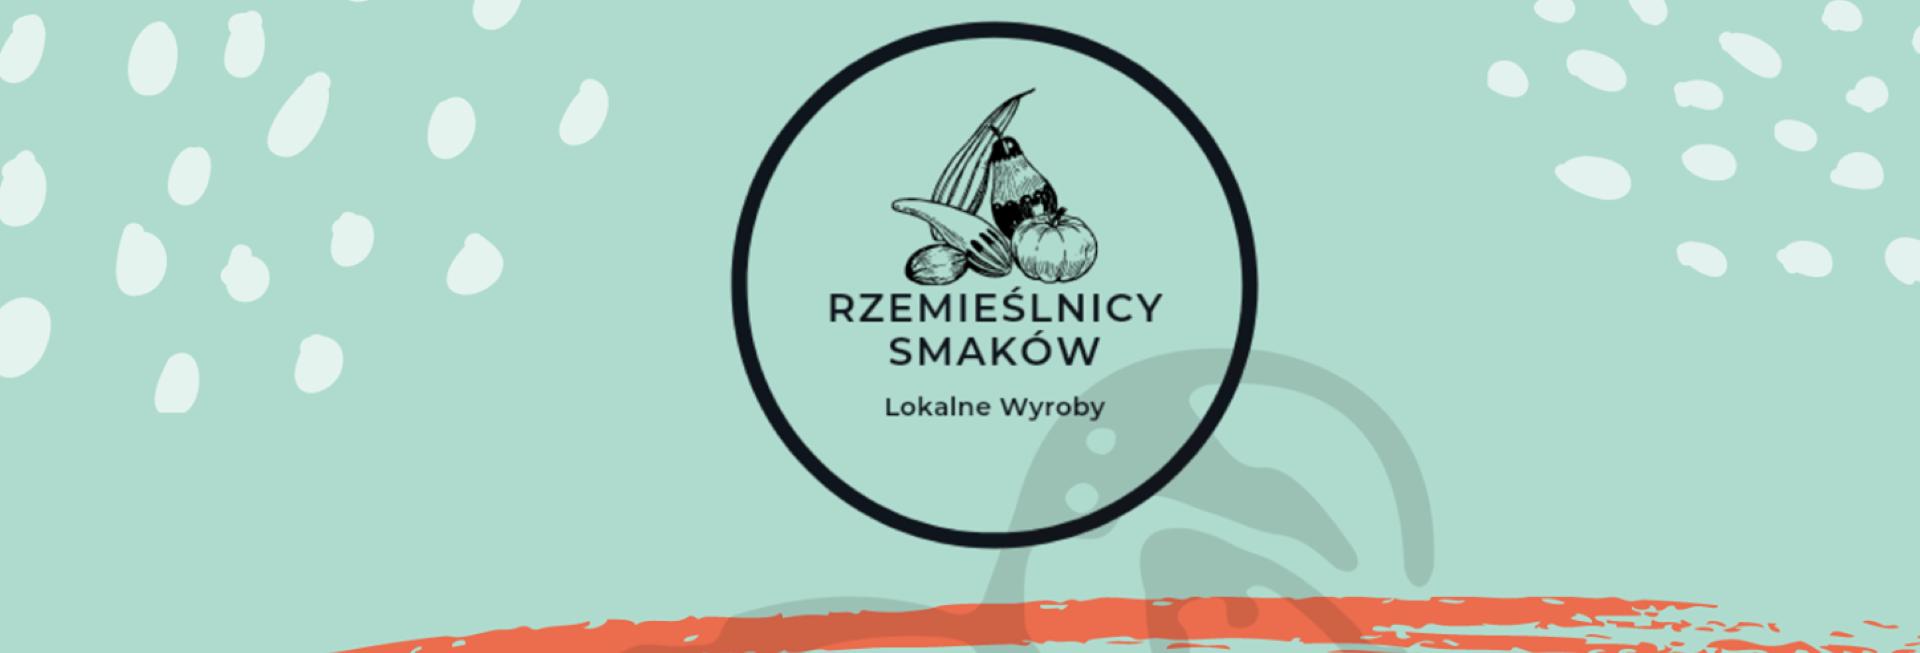 Logo graficzne Rzemieślników Smaków Lokalne Wyroby Olsztynek. W zakreślonym kółku narysowane warzywa i owoce.